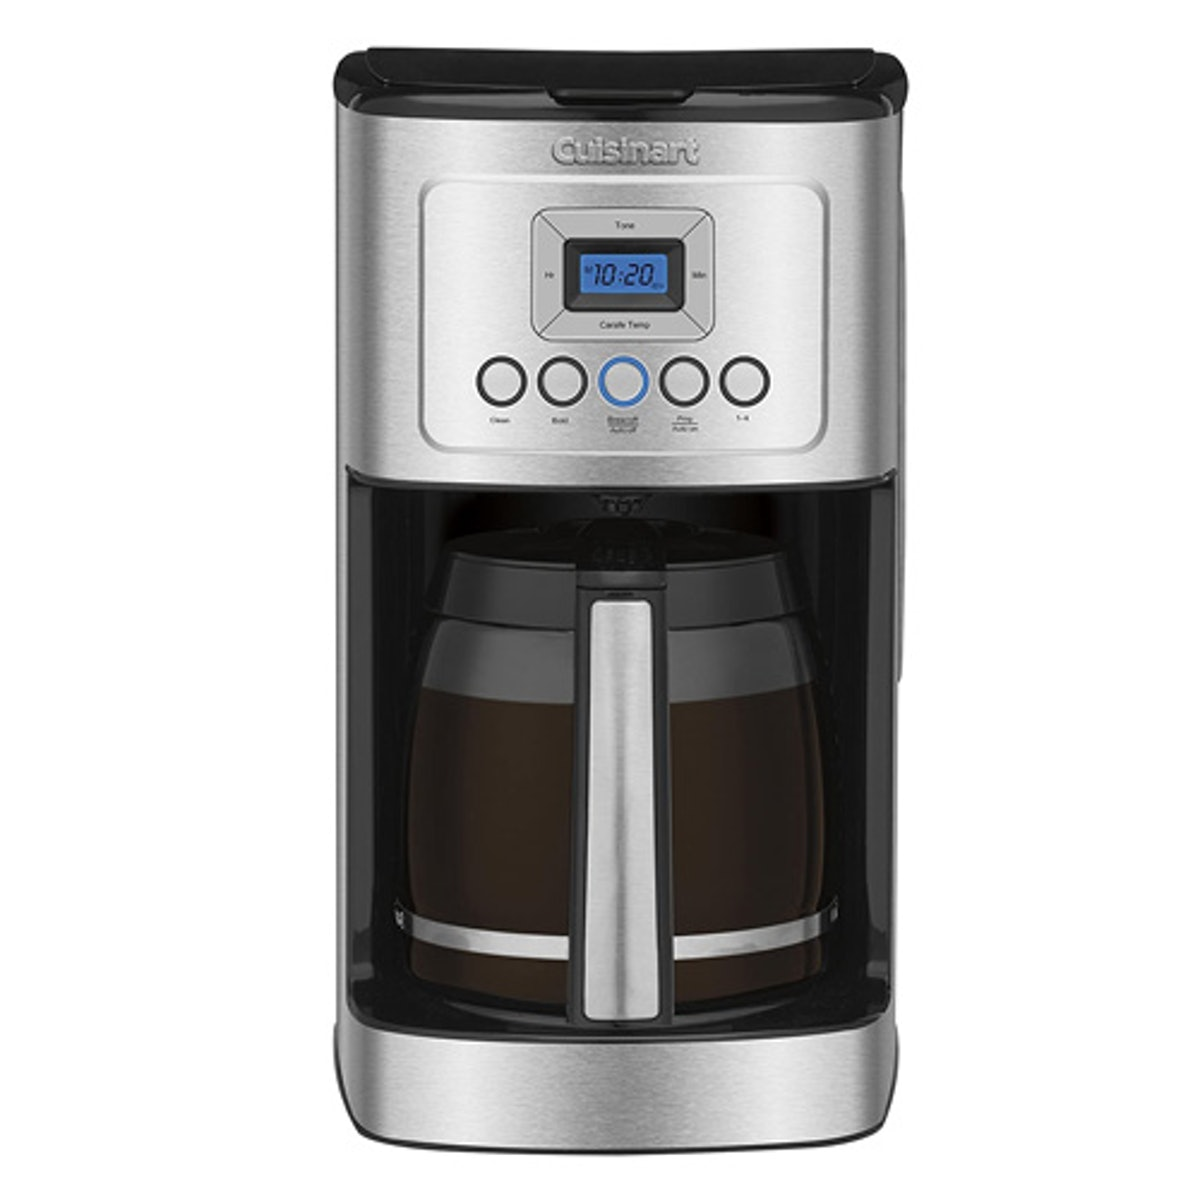 Cuisinart Perfectemp Programmable Coffee Maker